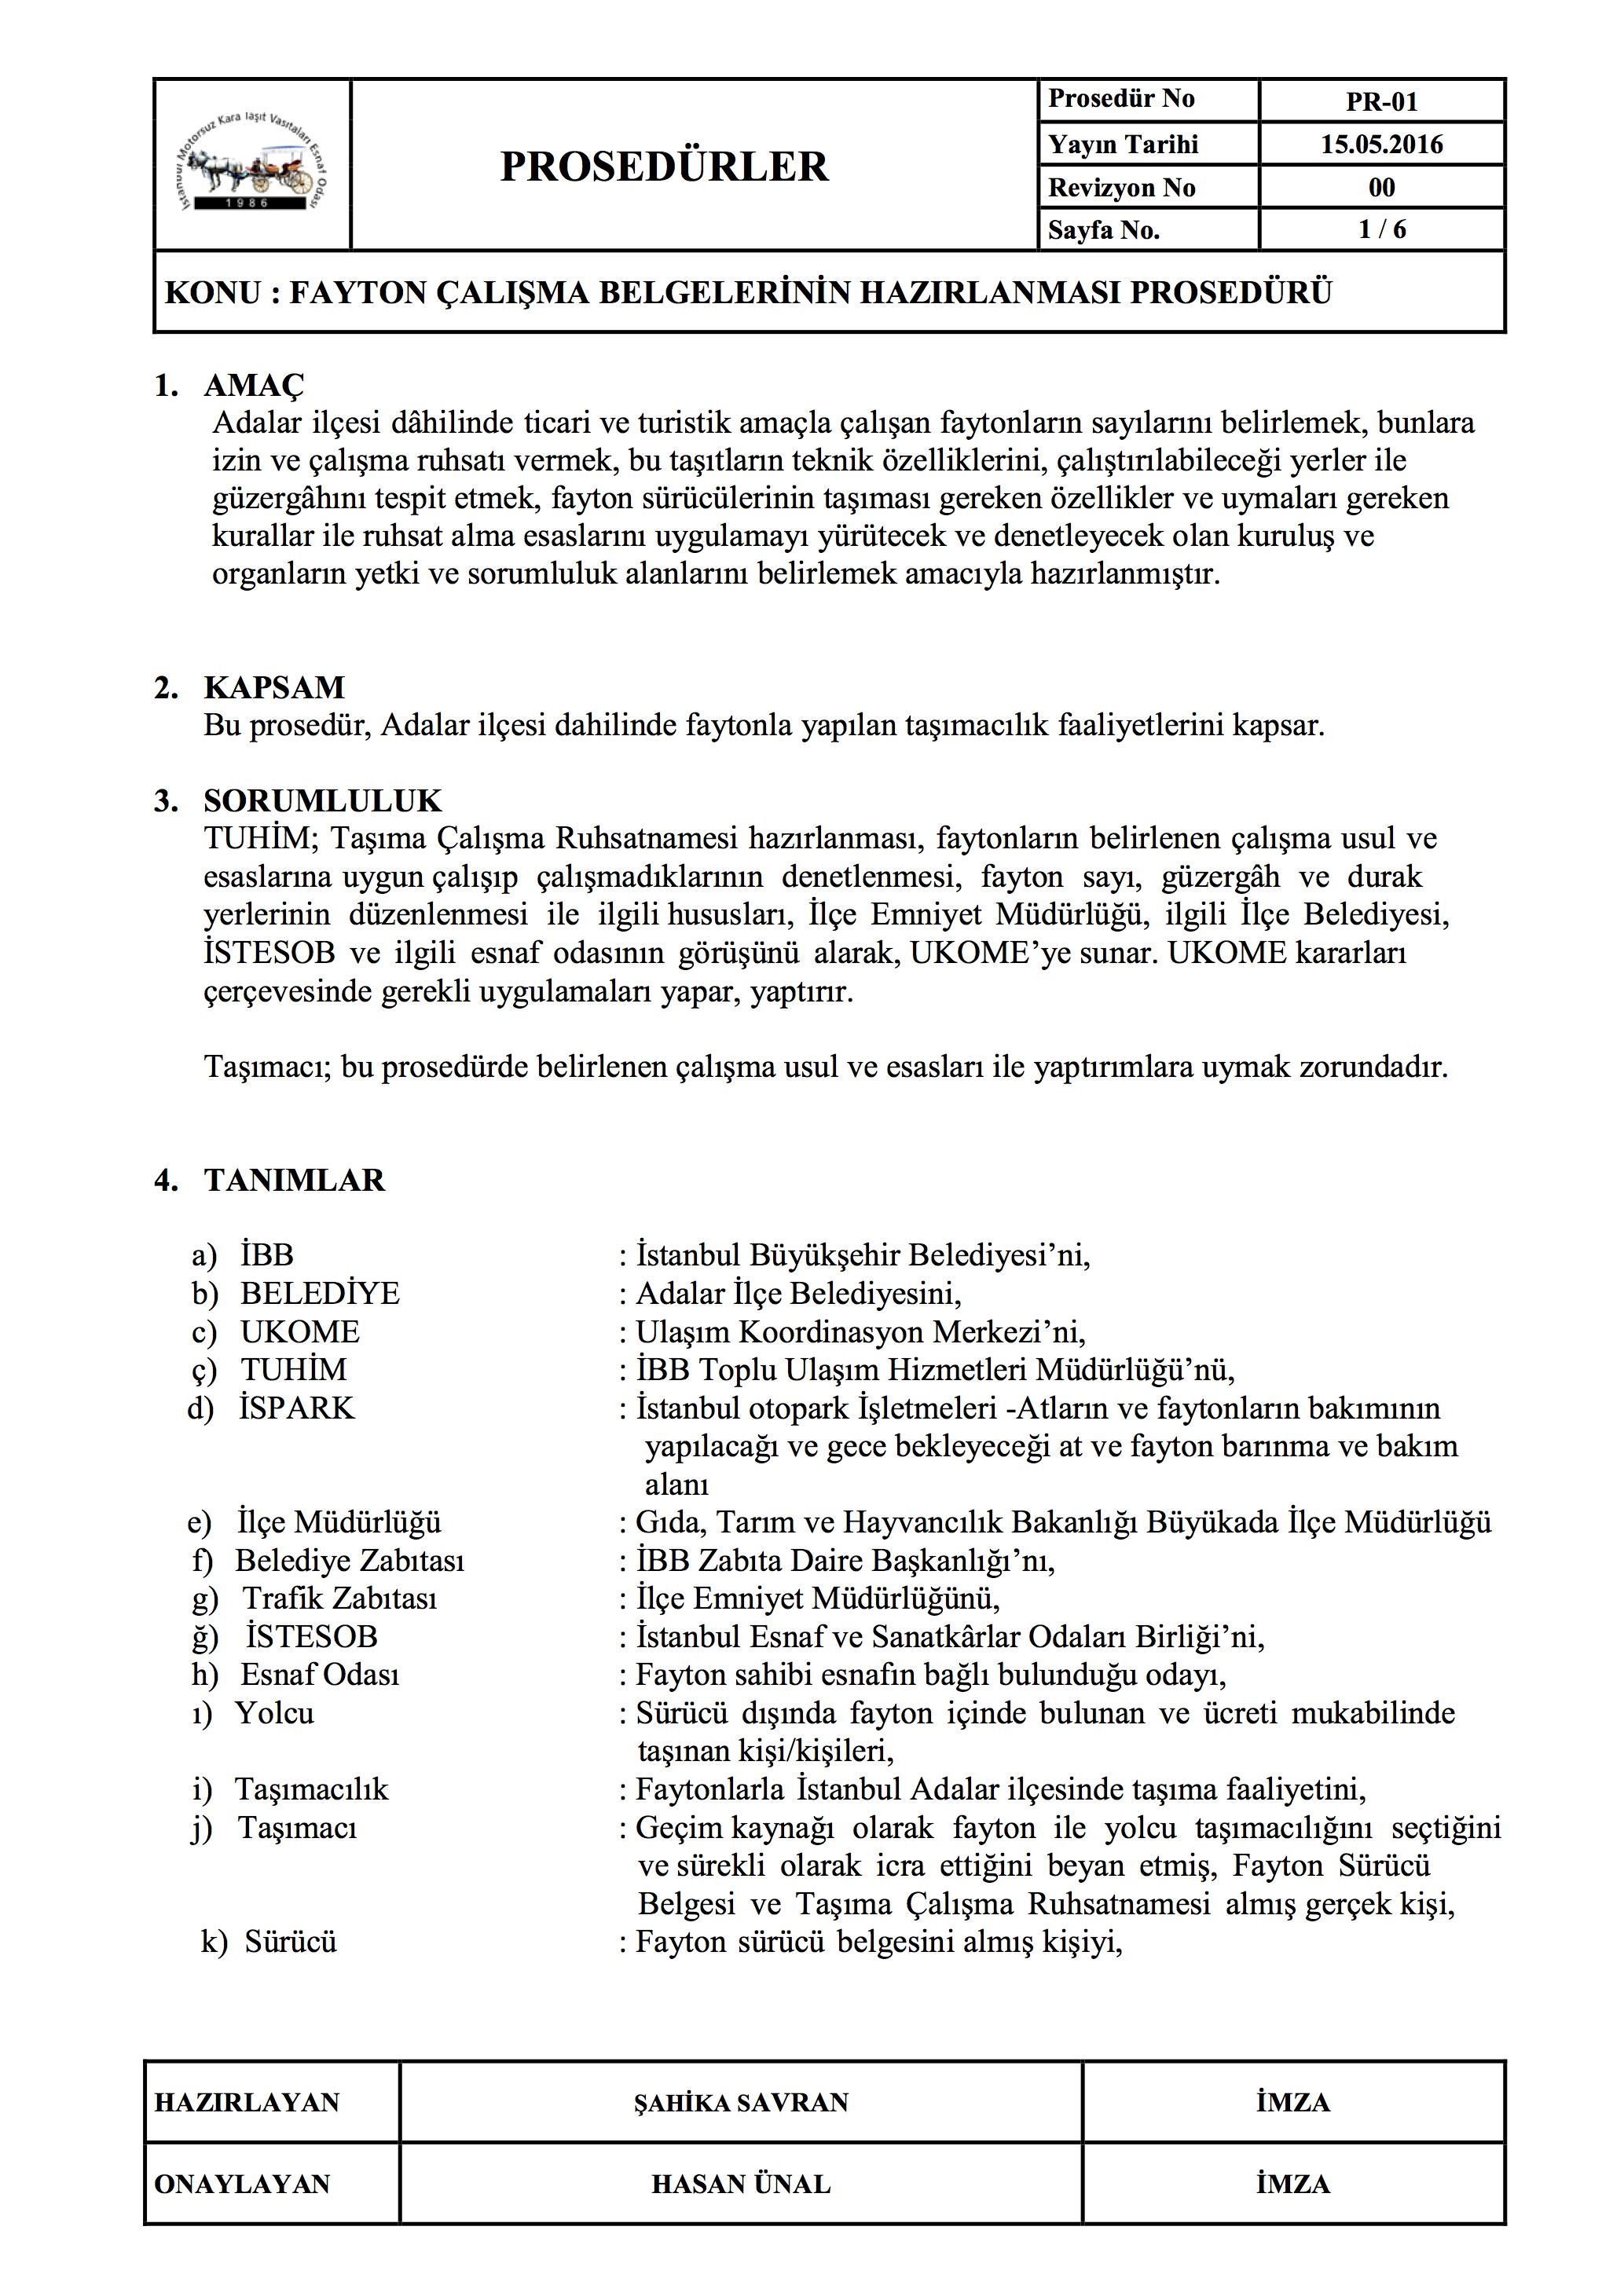 Çalışma belgeleri